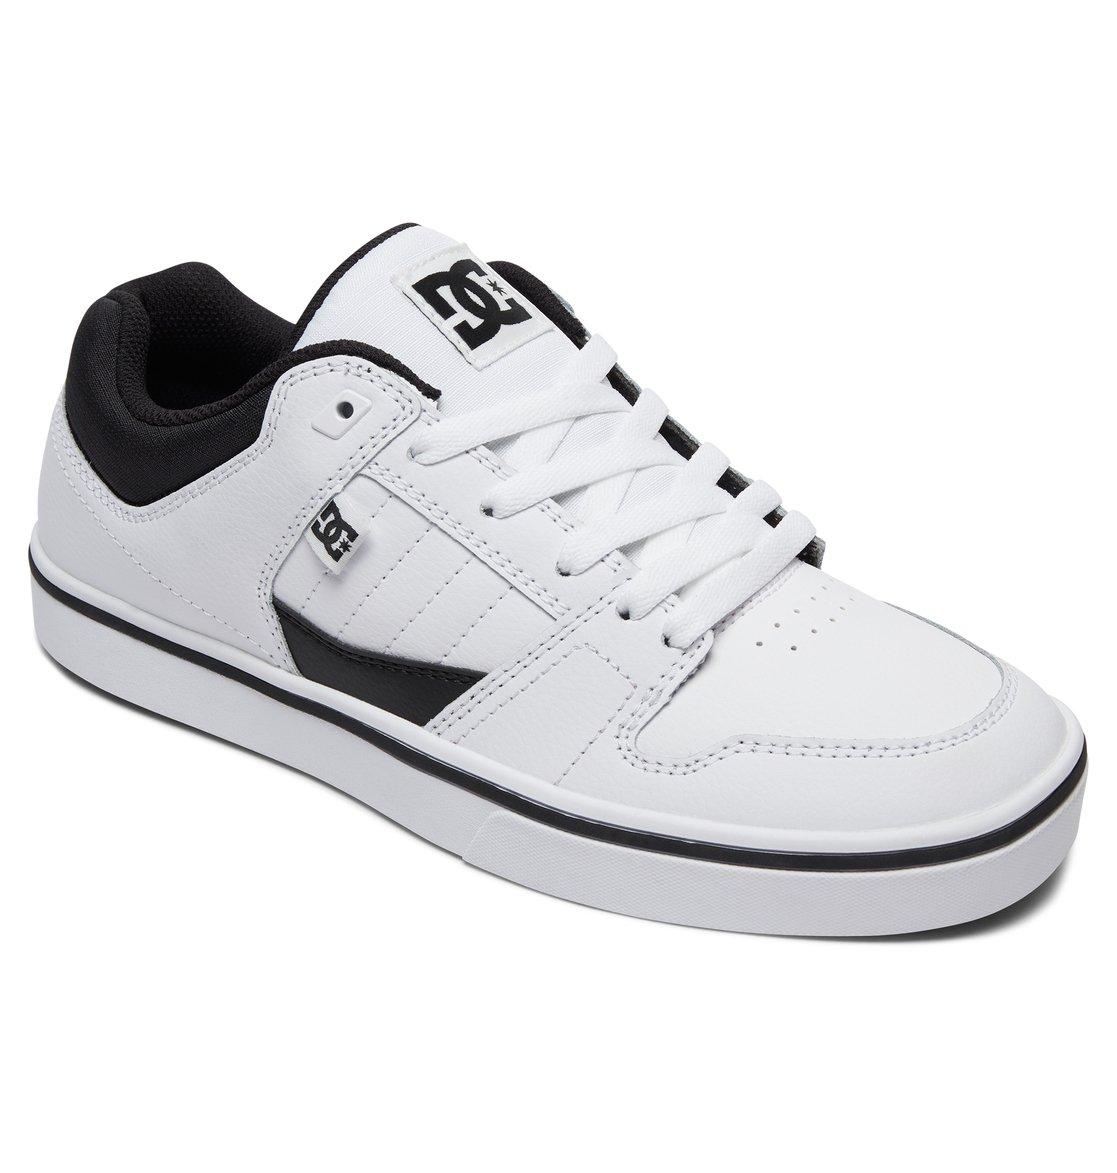 DC Shoes Course 2, Zapatillas para Hombre, Blanco (White 103), 41 EU